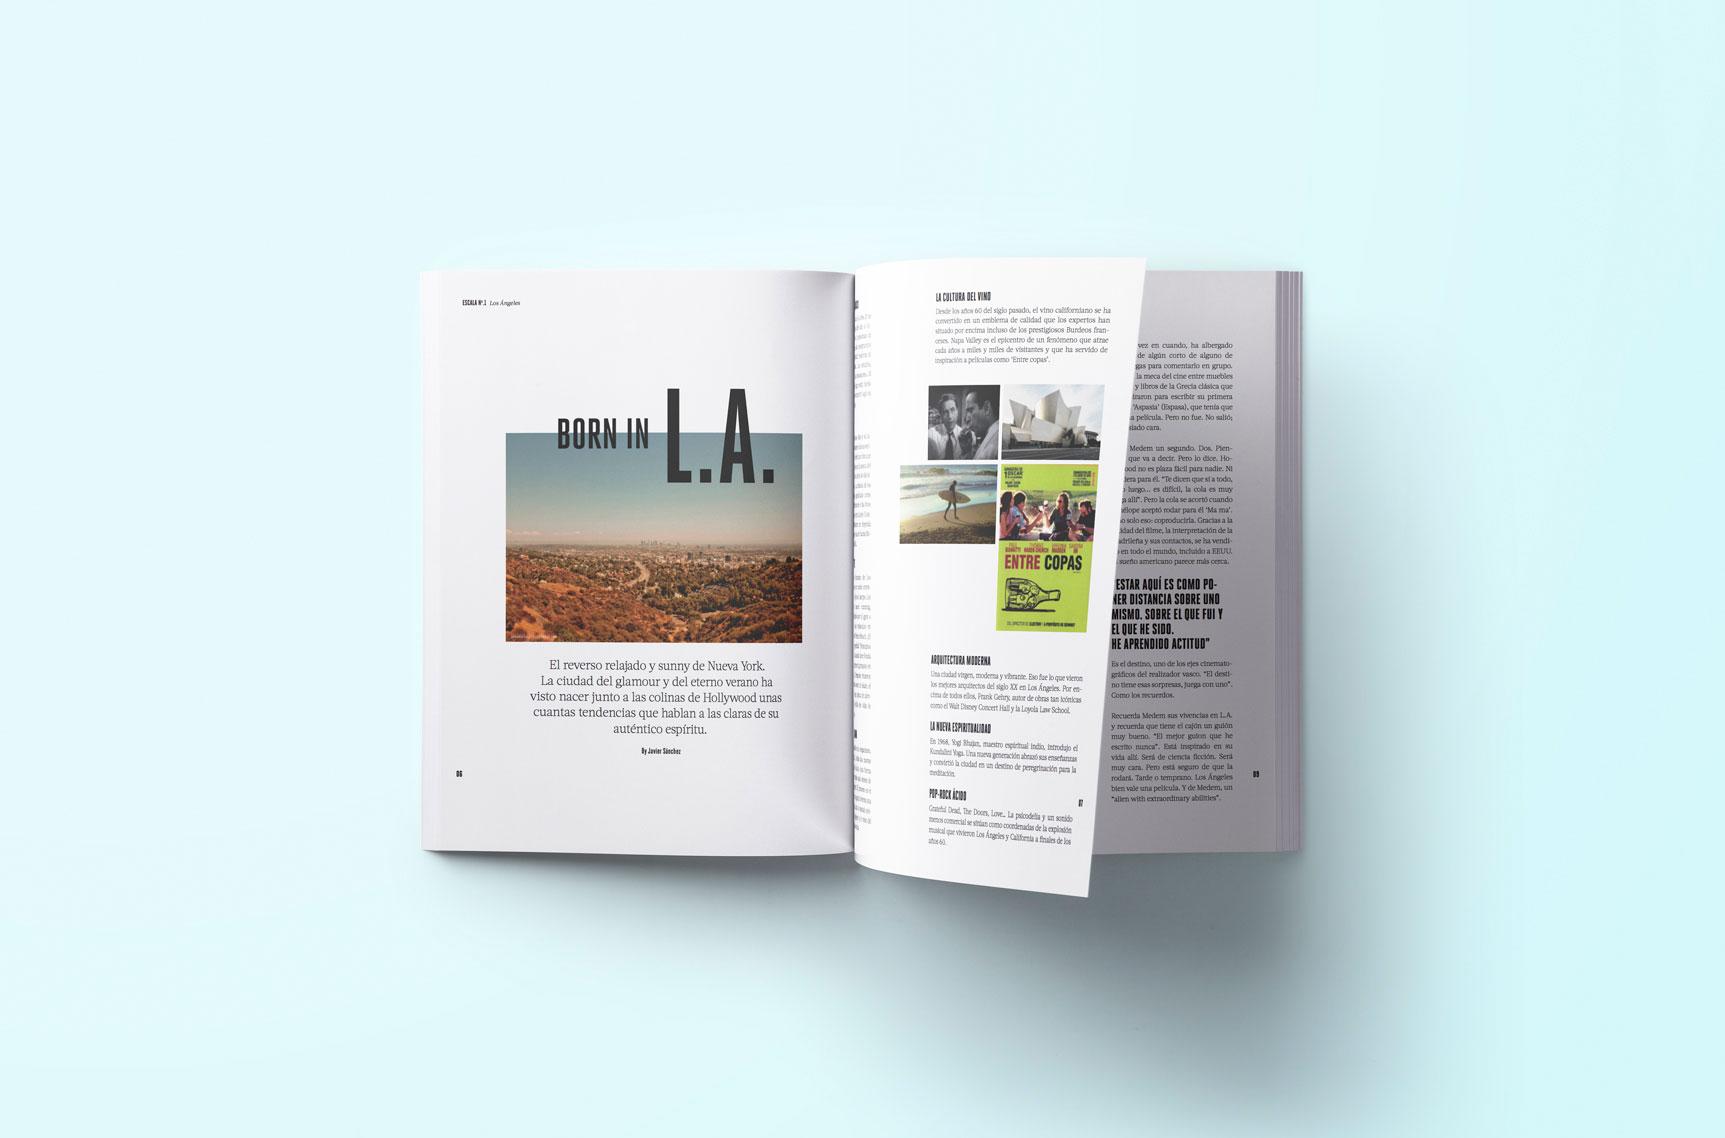 vinostorres-diseñografico-agencia-barcelona-2